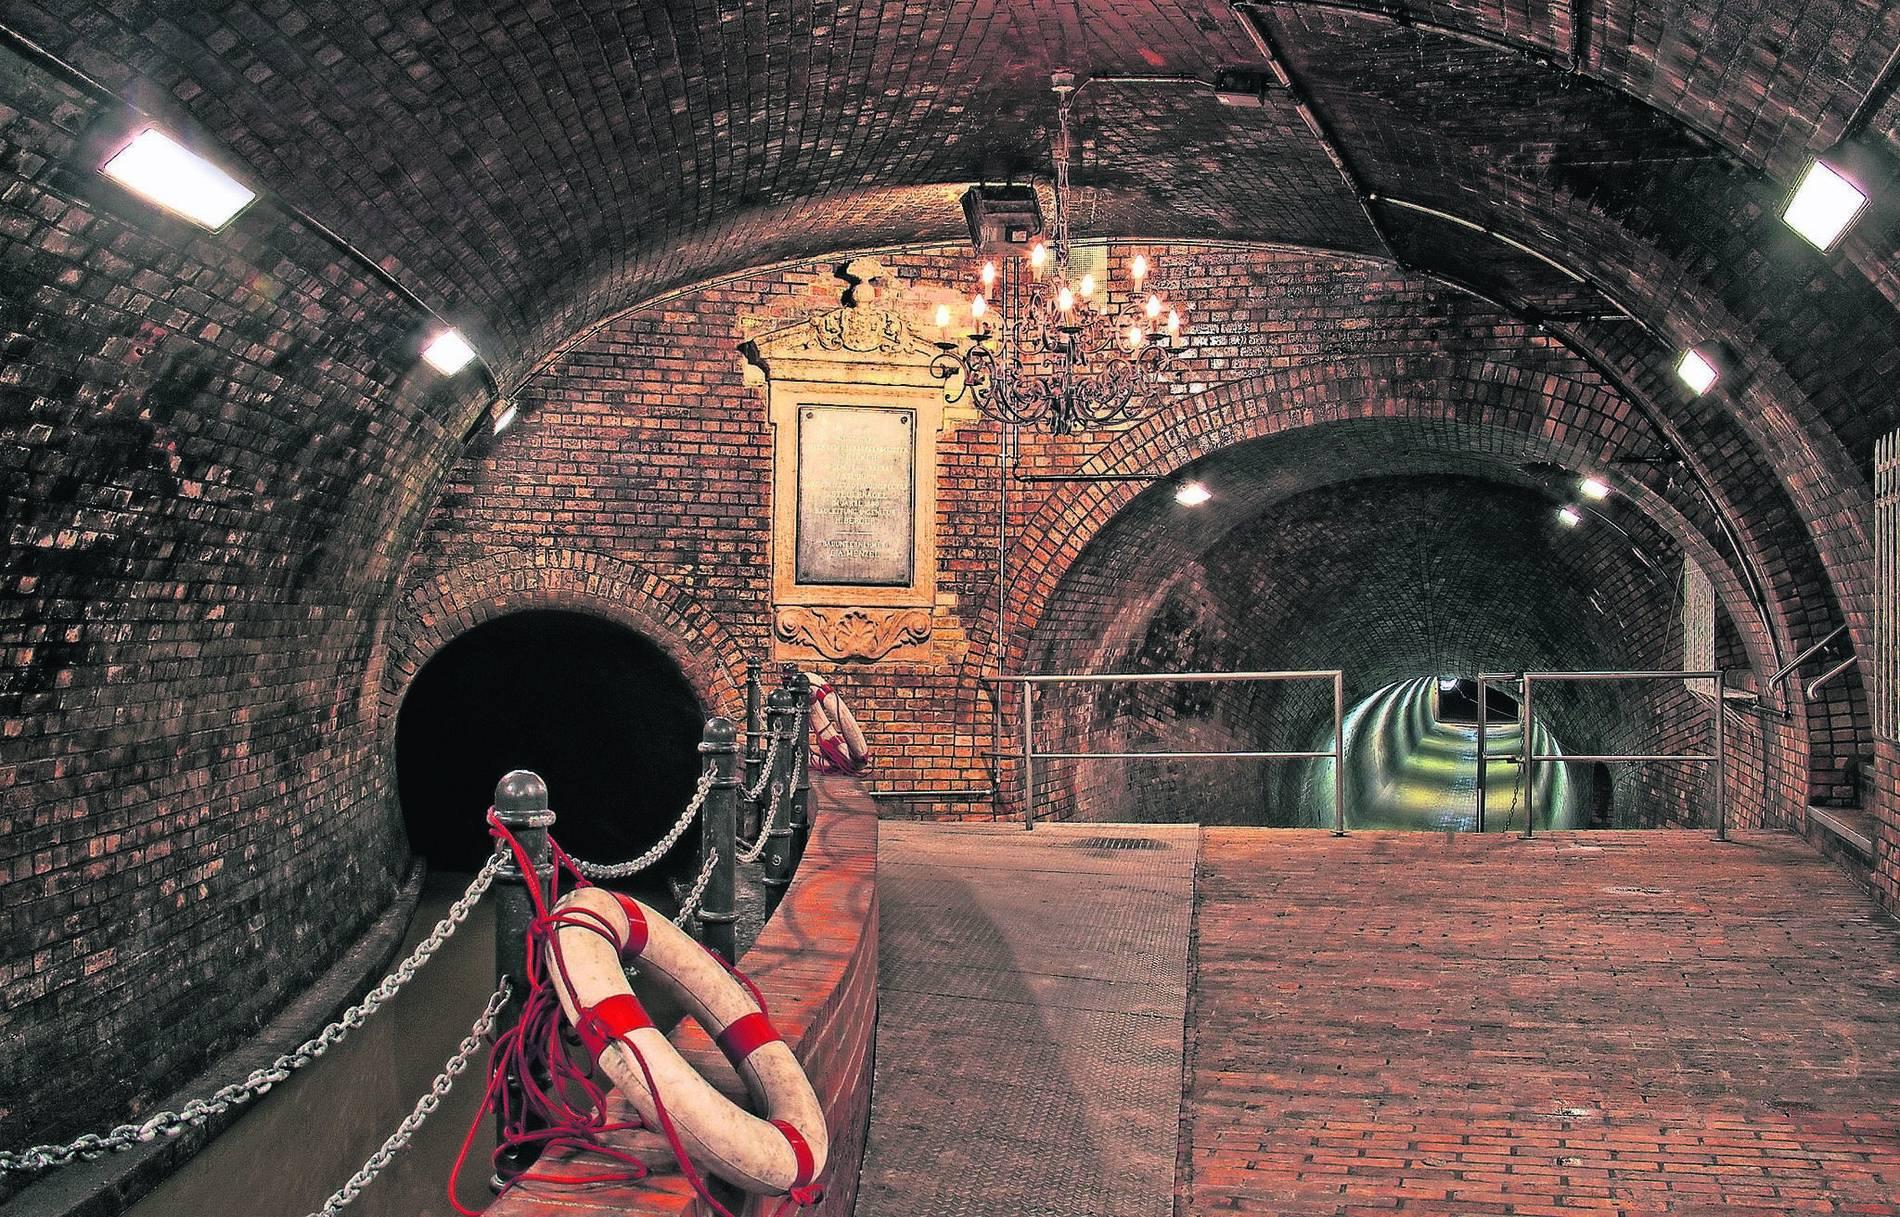 Besichtigung Kronleuchtersaal Köln ~ Ausflugstipps in nrw kanalkonzert in der unterwelt von köln